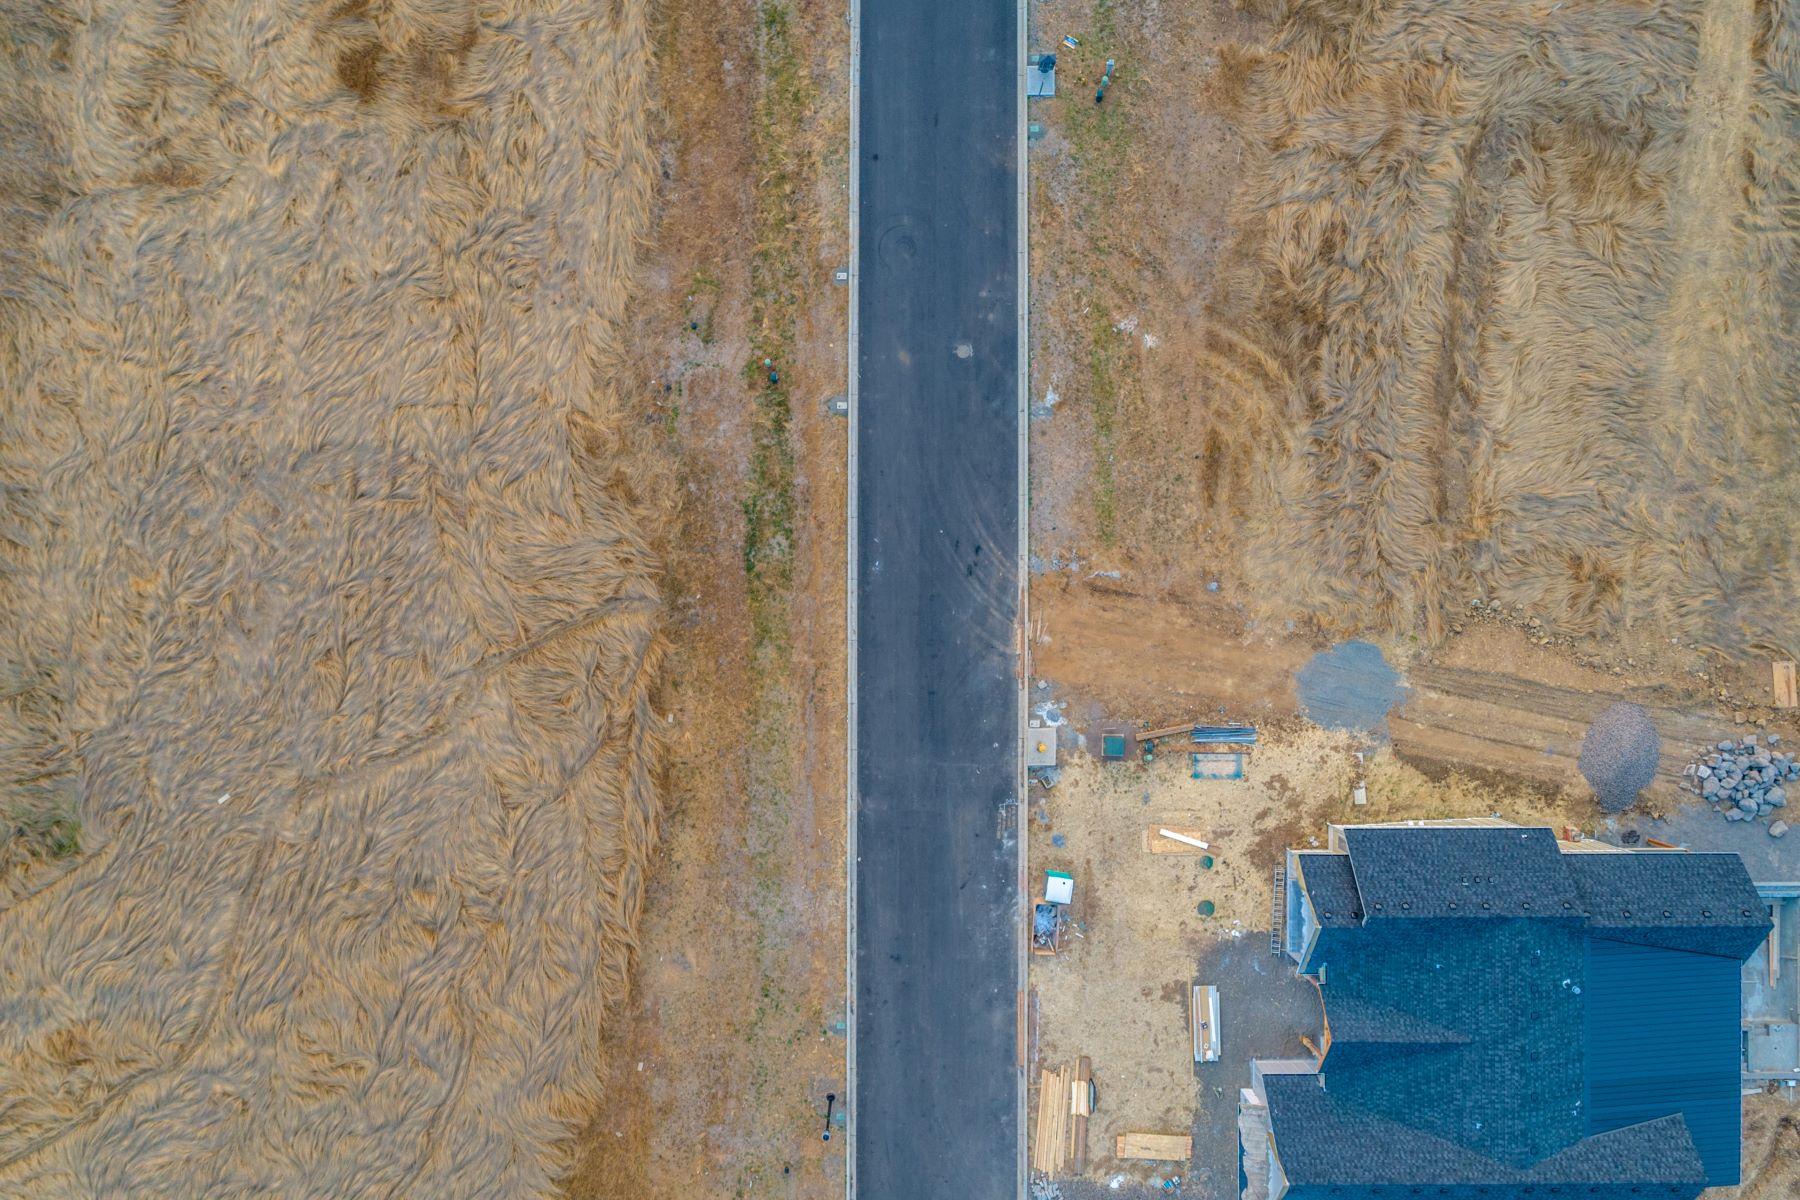 Đất đai vì Bán tại 3512 NW McMaster DR Camas, WA 98607 Camas, Washington 98607 Hoa Kỳ